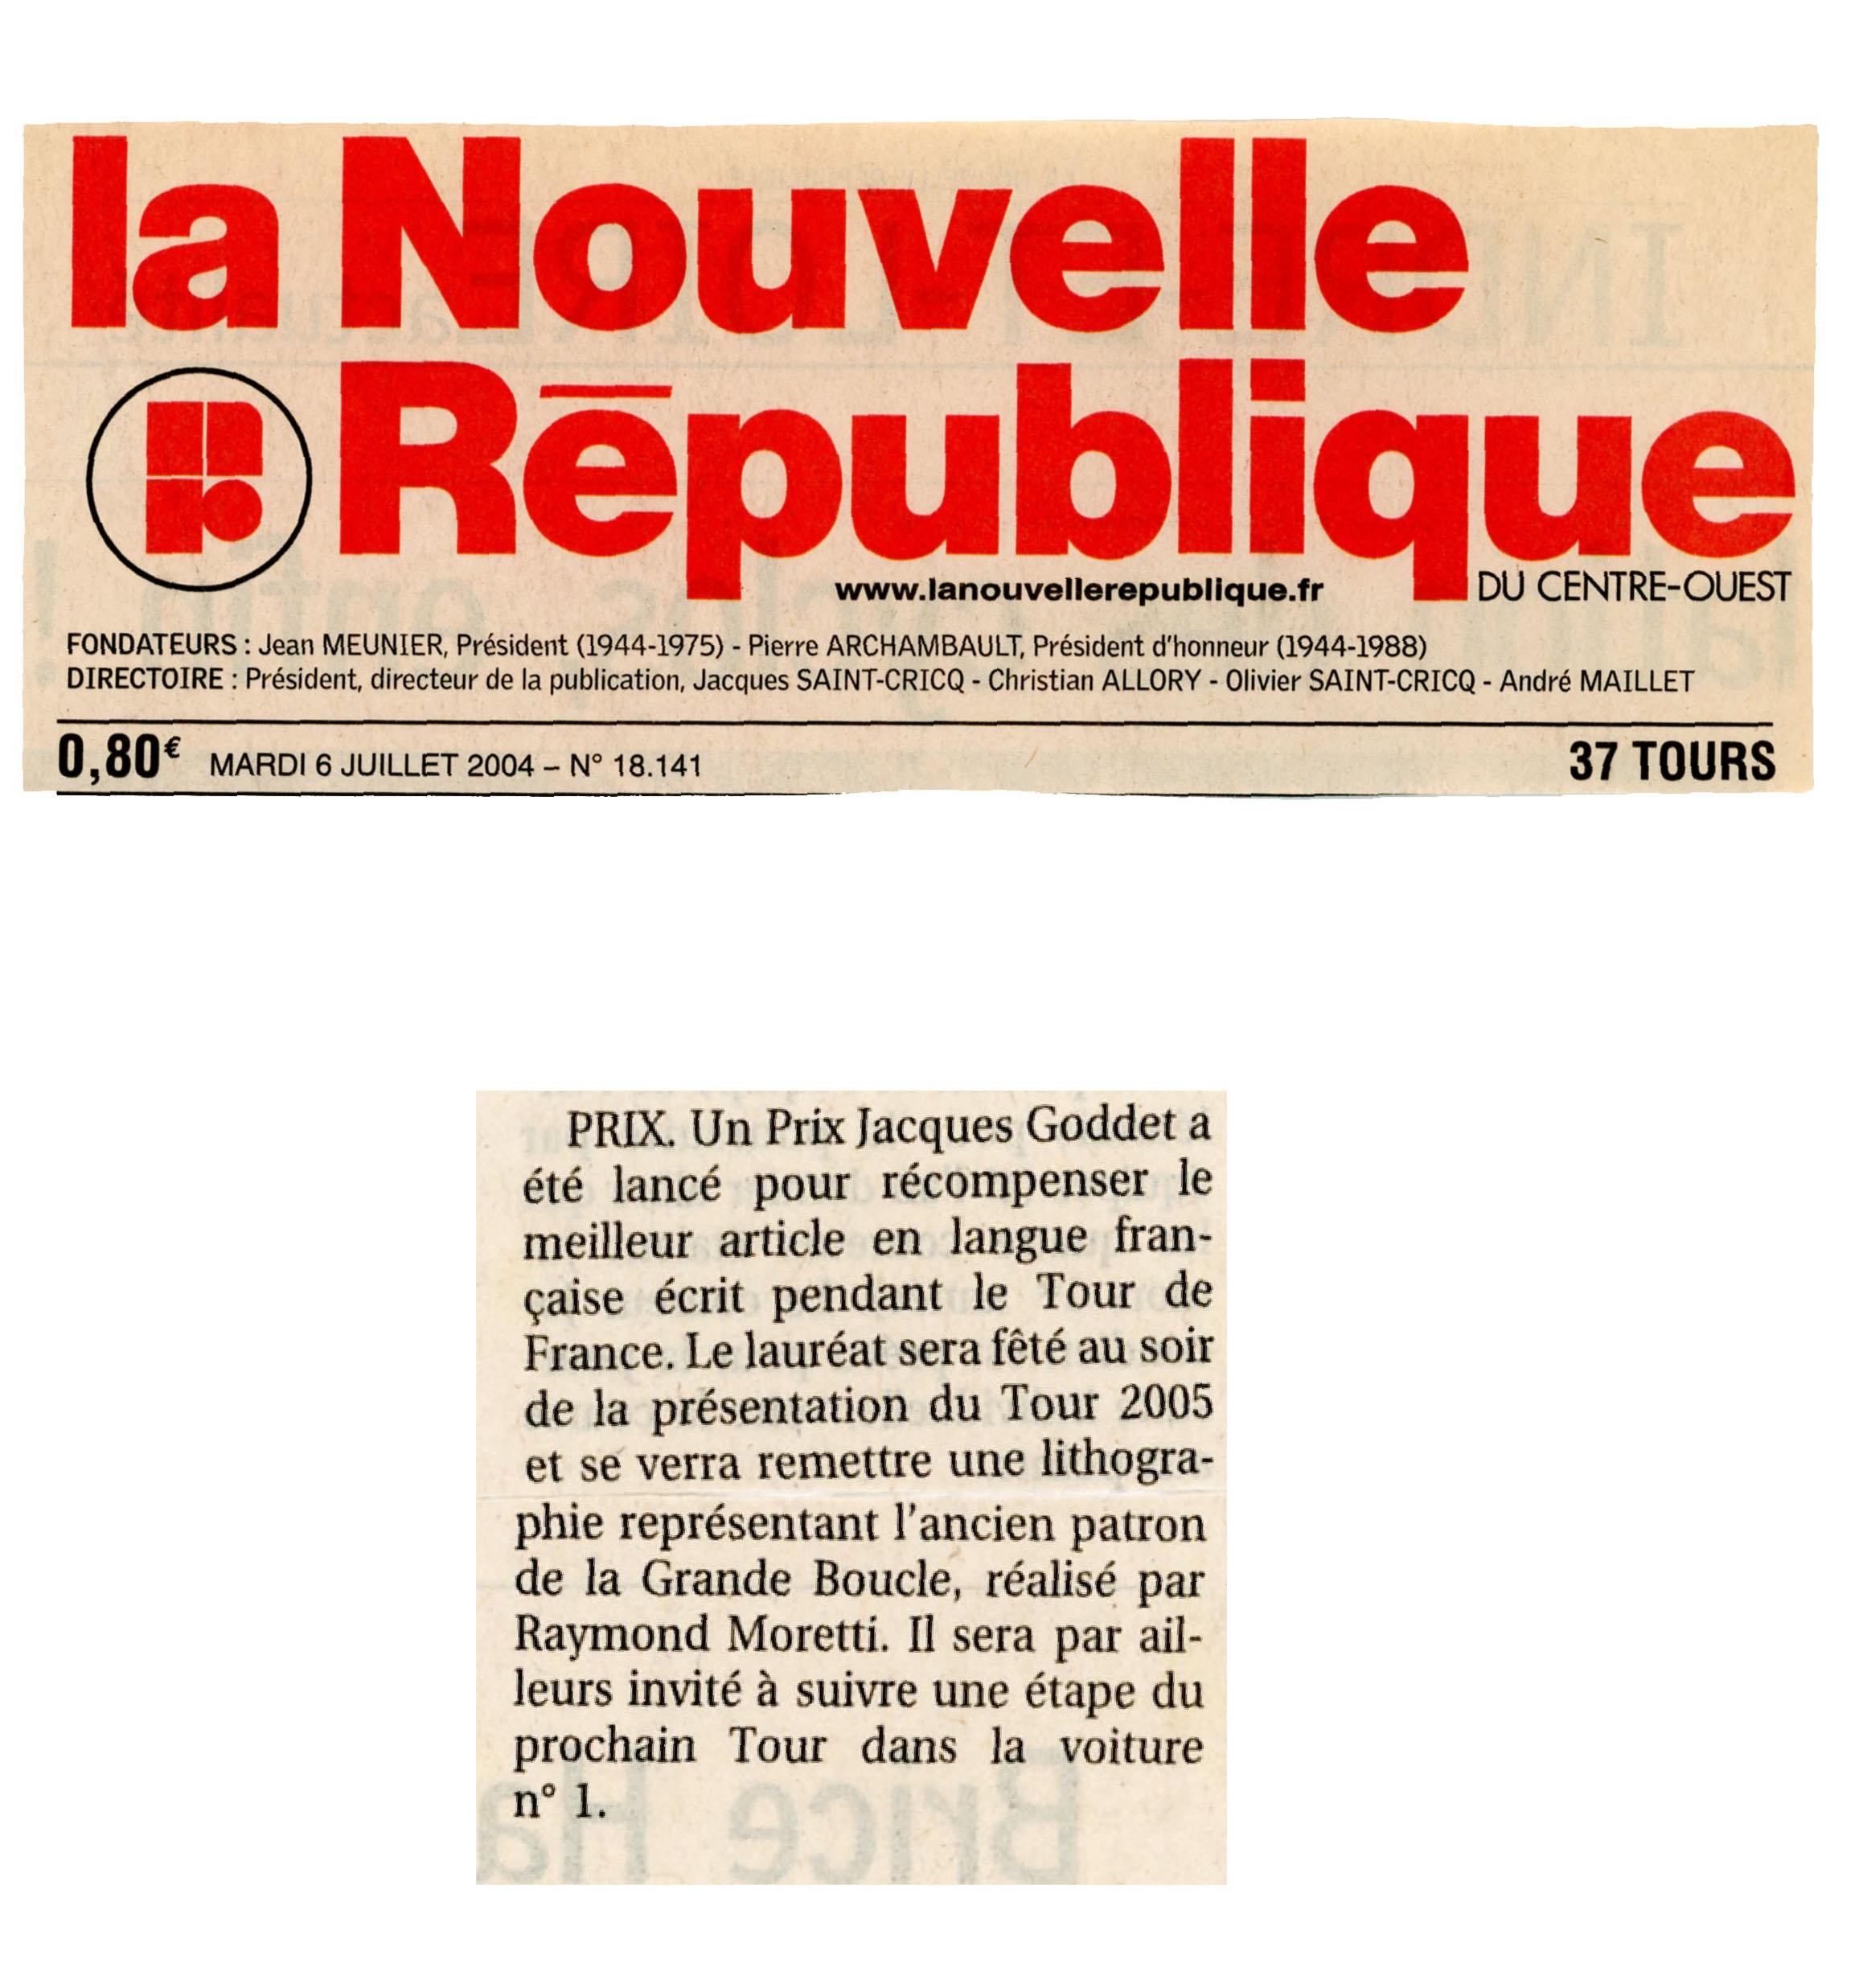 Presse - Nouvelle République - Prix Jacques-Goddet - mardi 6 juillet 2004